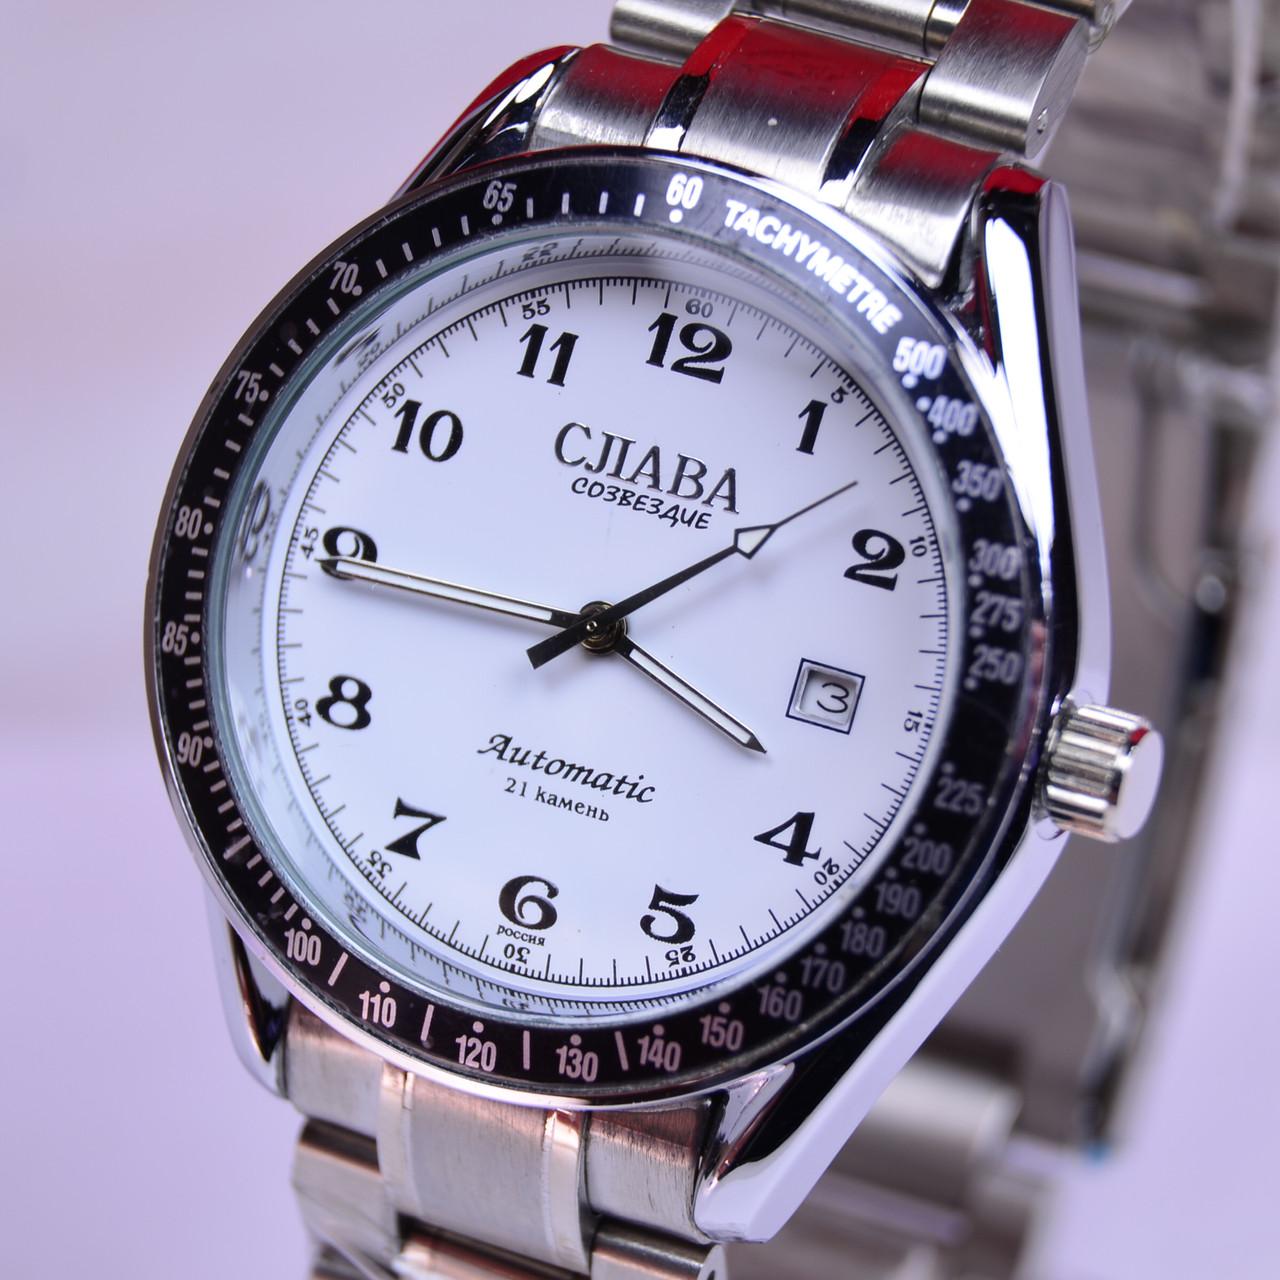 d1353cd4 Наручные часы Слава механические с автоподзаводом - интернет- магазин